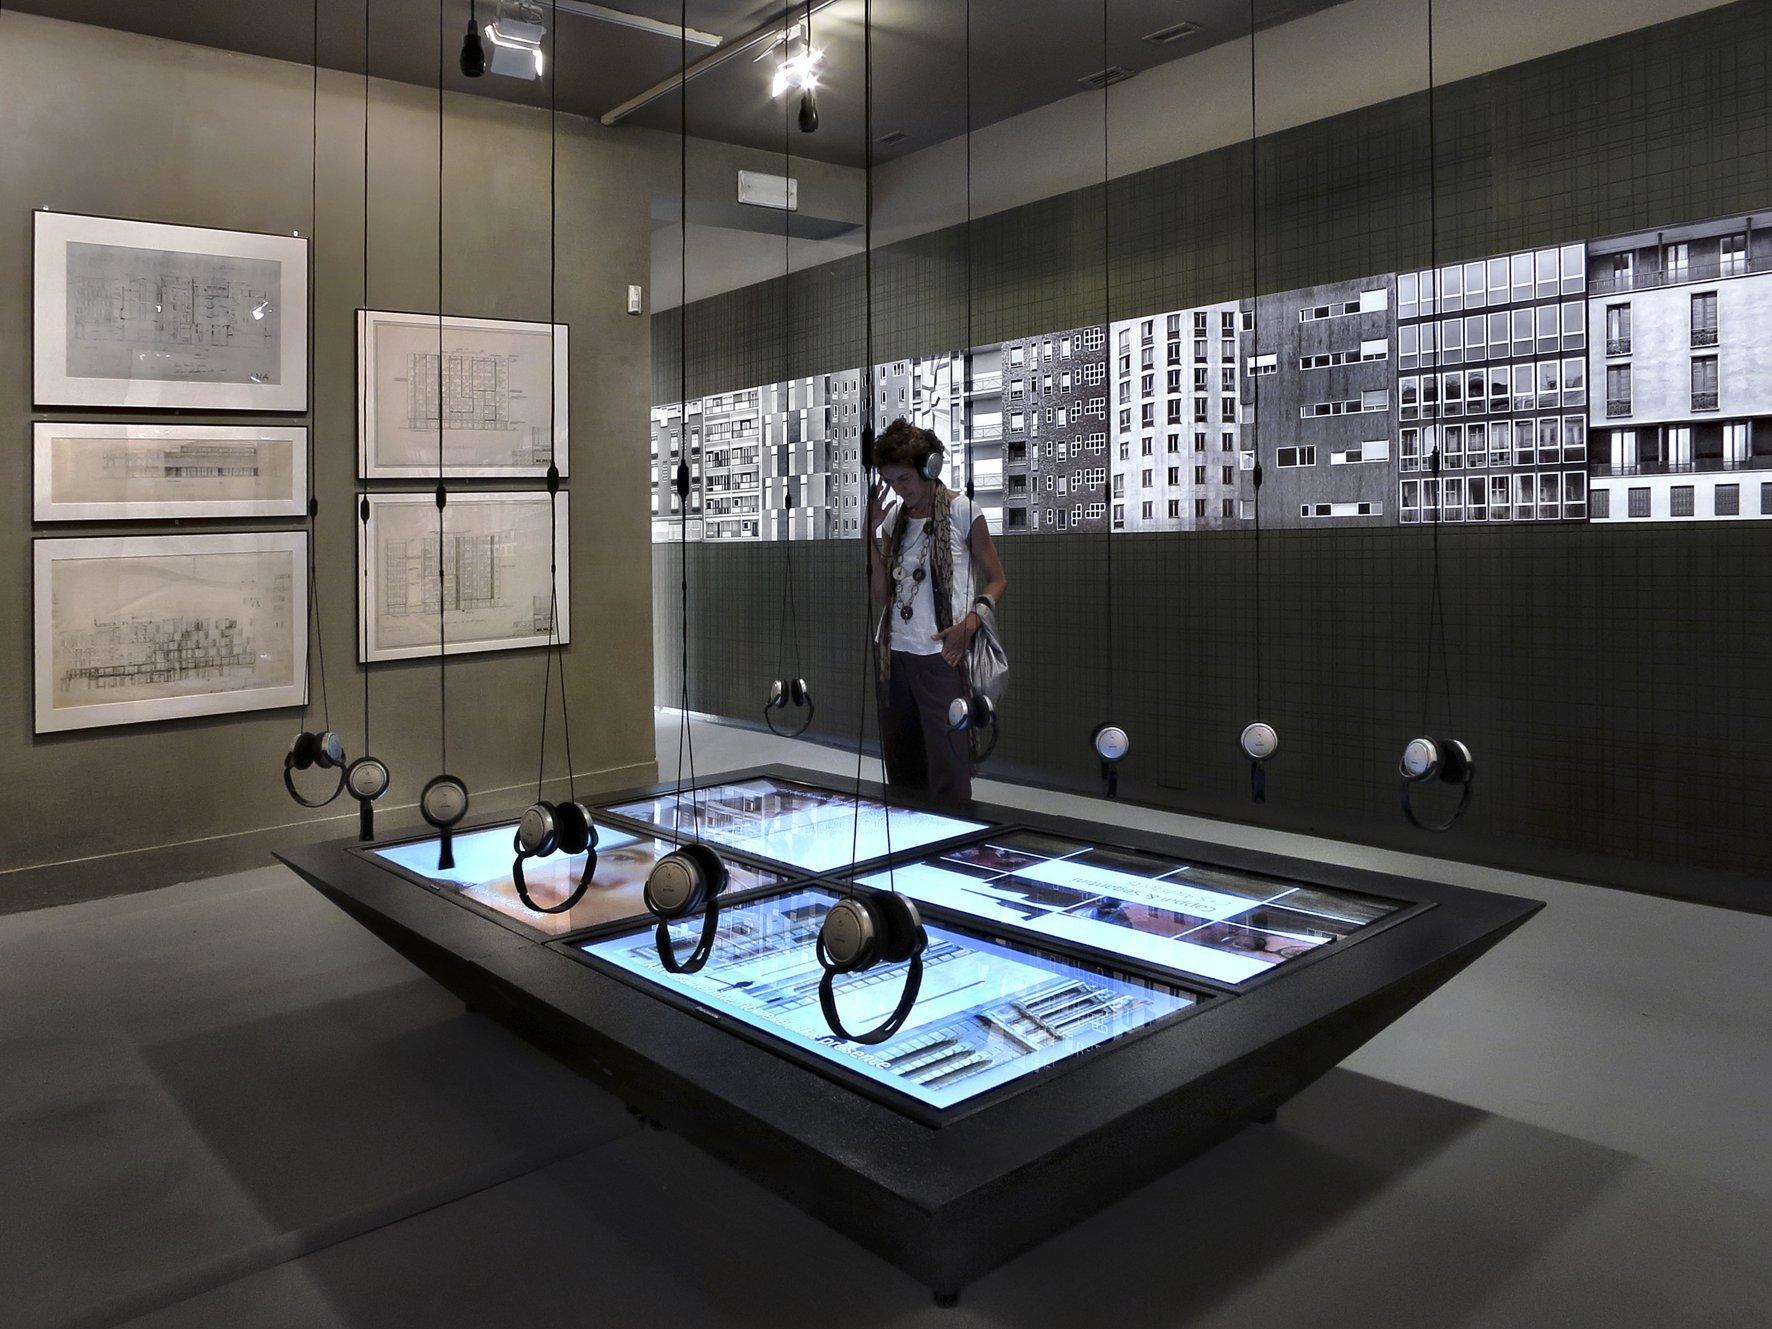 Contribución a la Biennale de Venecia 2012 por Fulvio Irace. Fotografía © Pino Musi